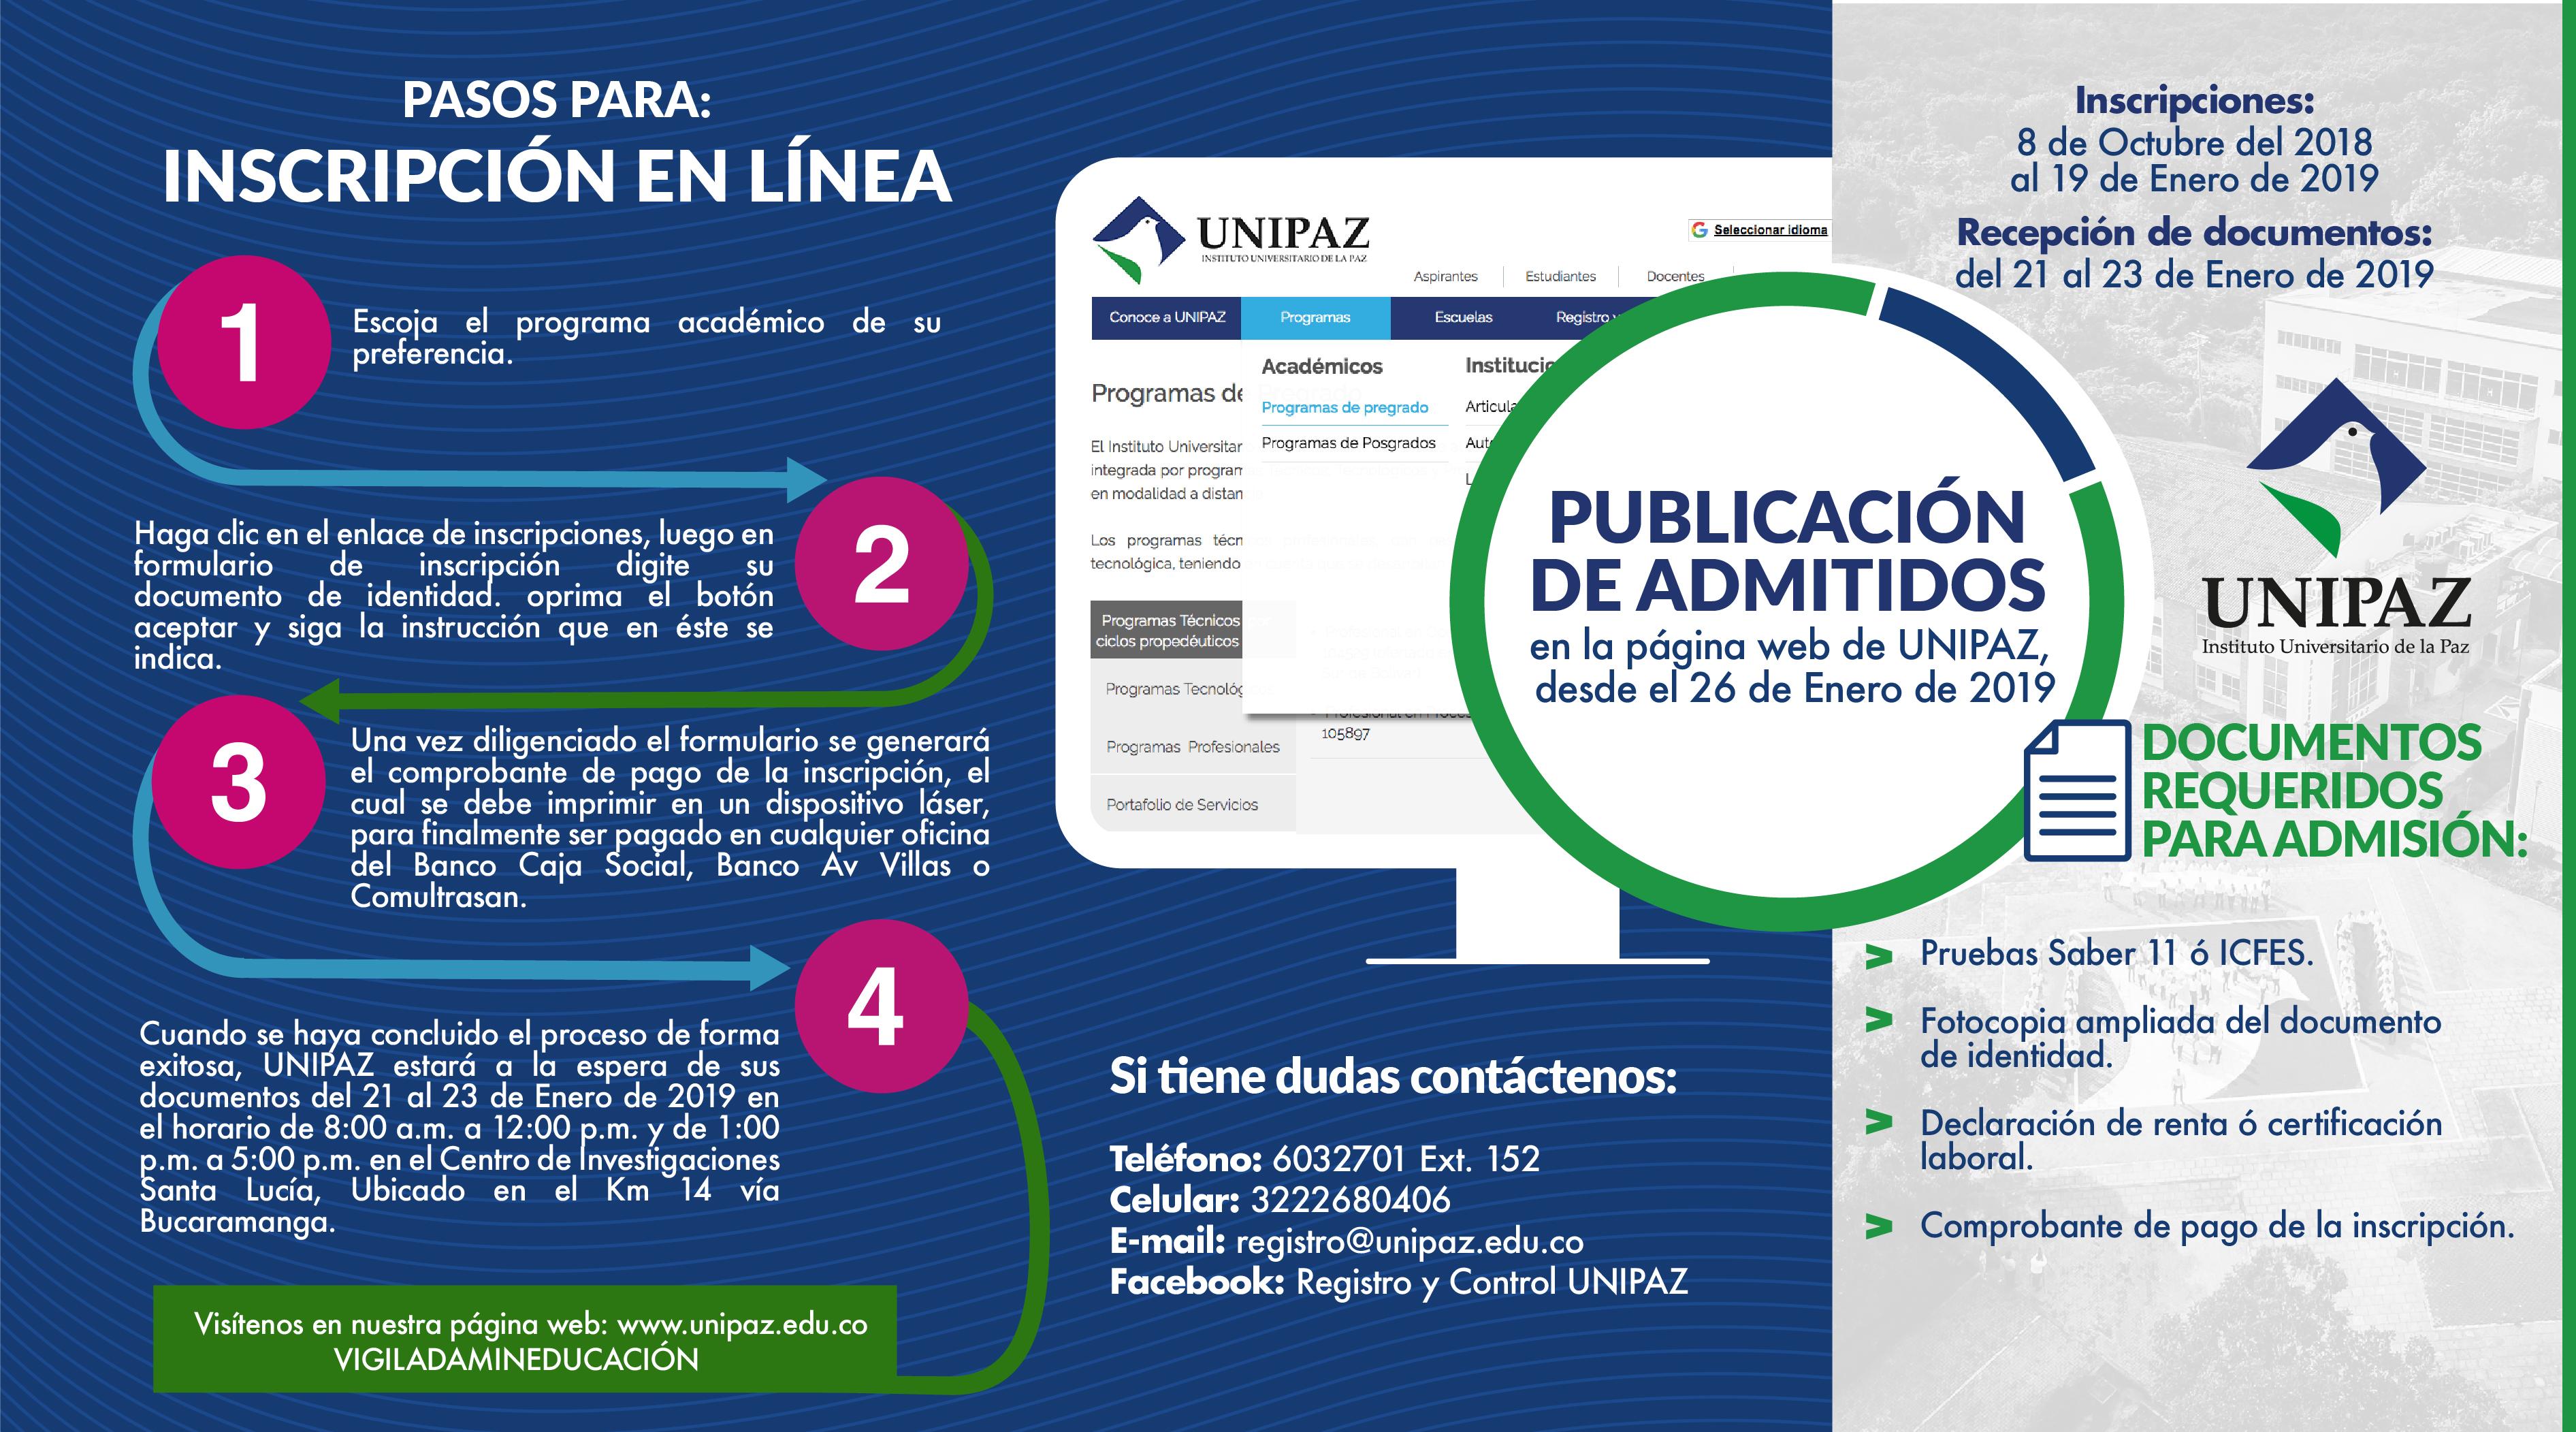 Unipaz Instituto Universitario De La Paz